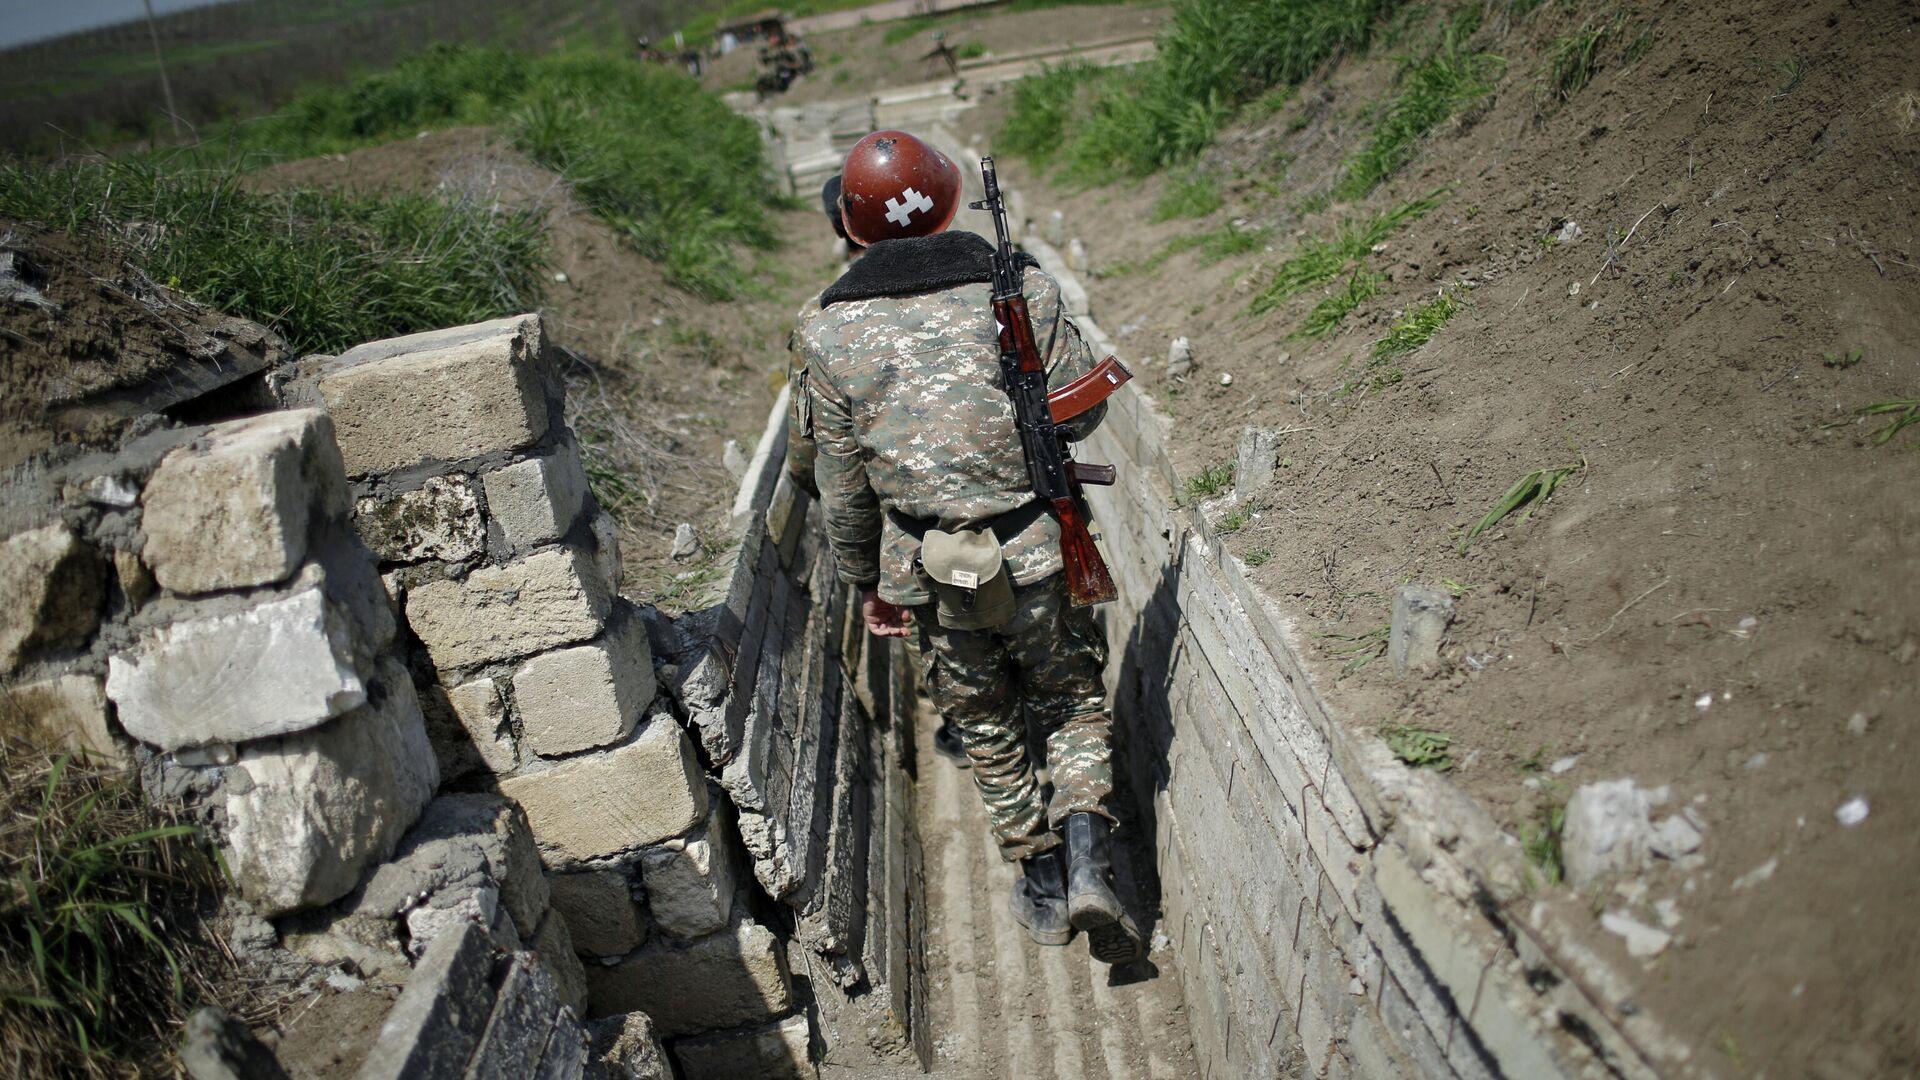 Армянский солдат в зоне карабахского конфликта - РИА Новости, 1920, 27.09.2020